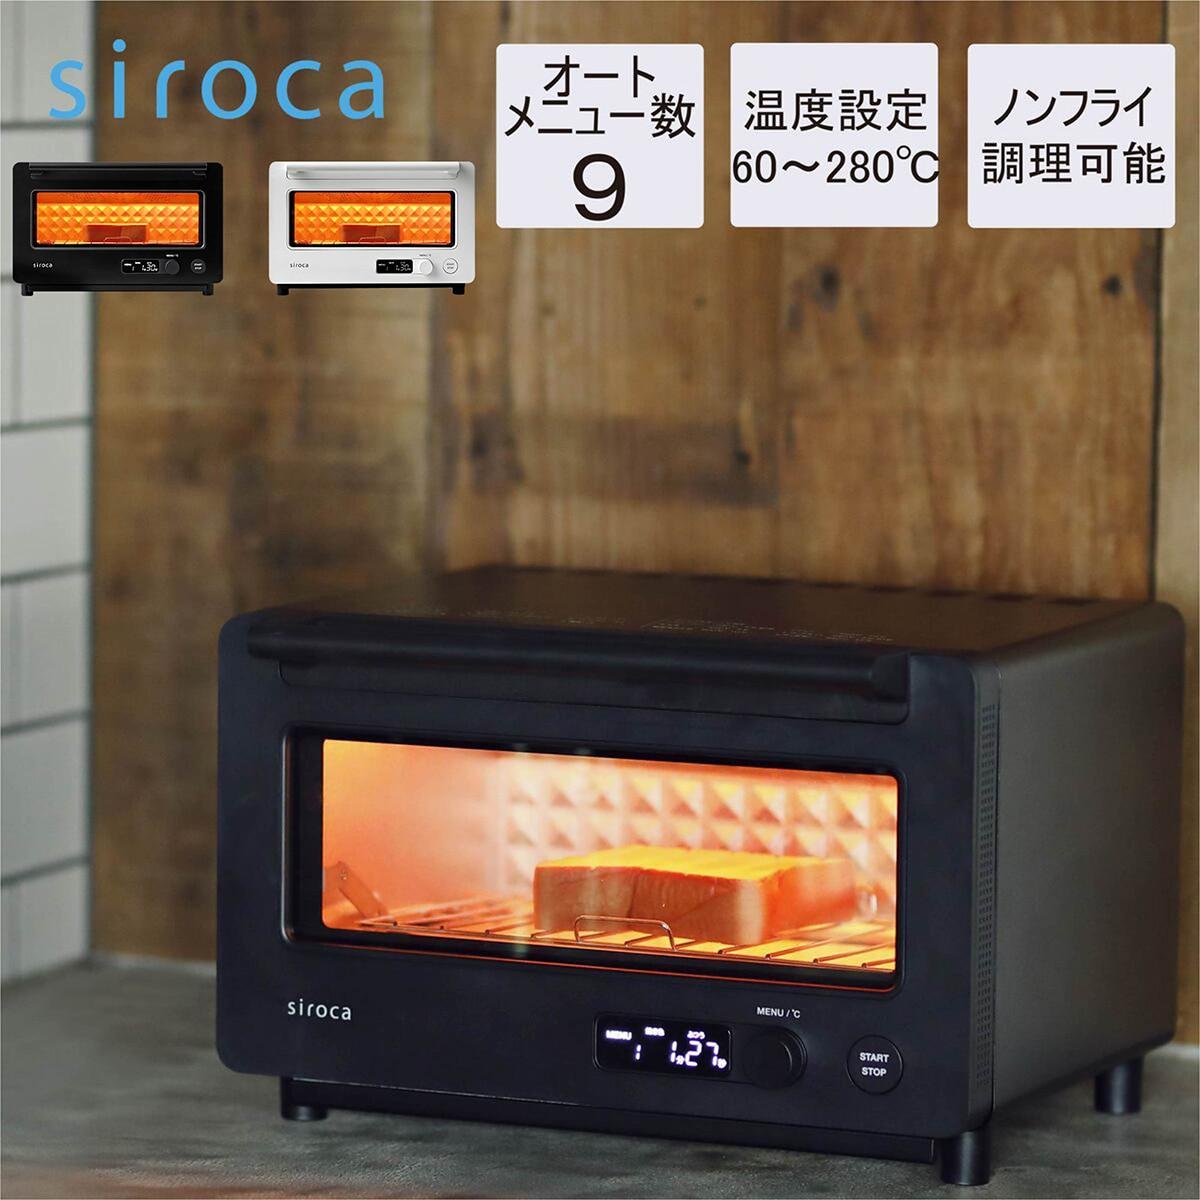 シロカ siroca すばやきトースター ブラック ST-2D351(K)